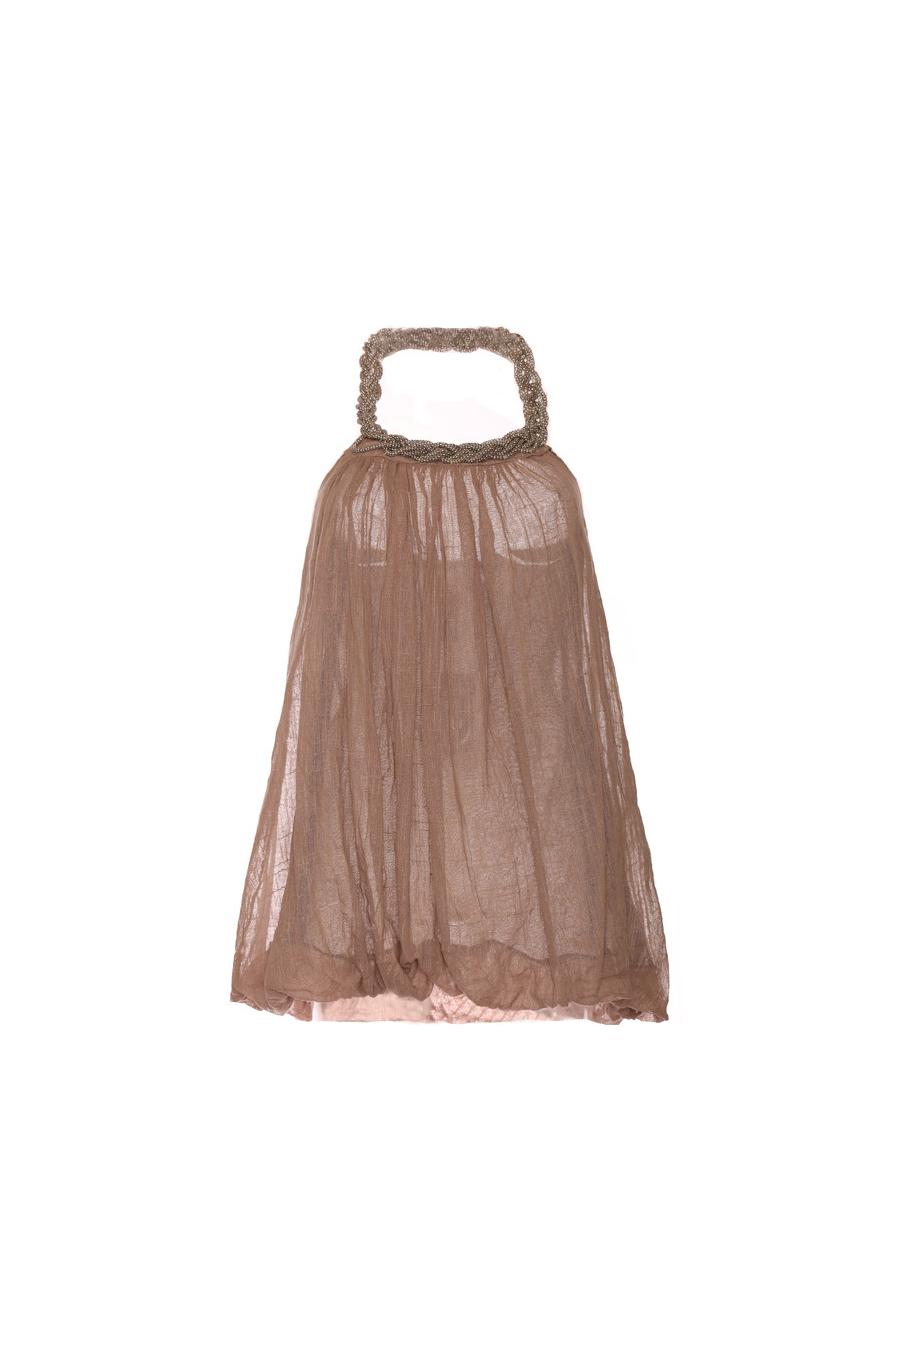 Tunique taupe pour femme avec col en maille. Vêtement femme tendance. 1326